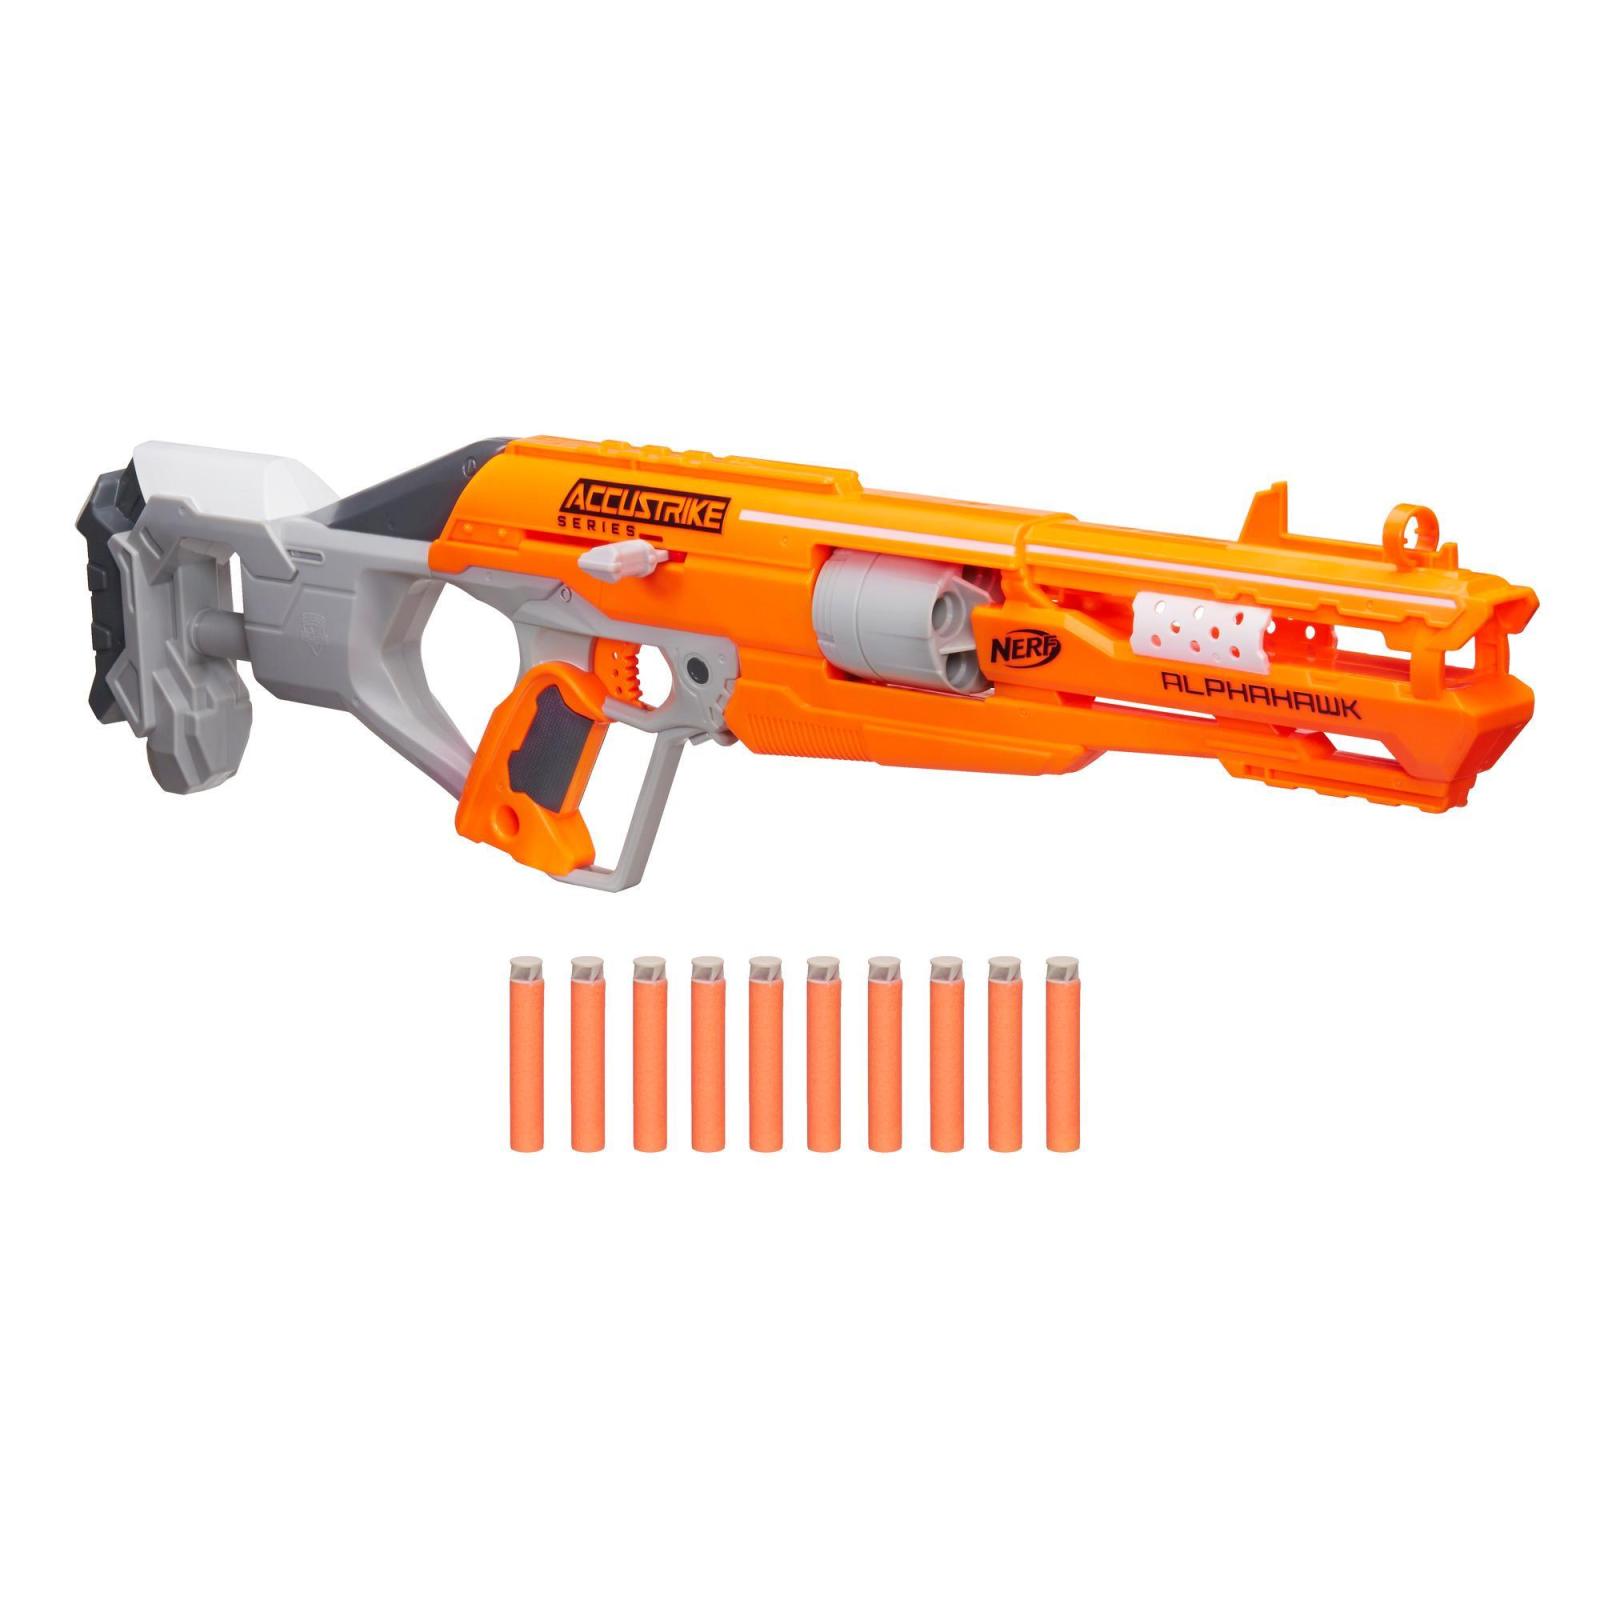 Игрушечное оружие Hasbro Бластер Аккустрайк Альфахок (B7784)